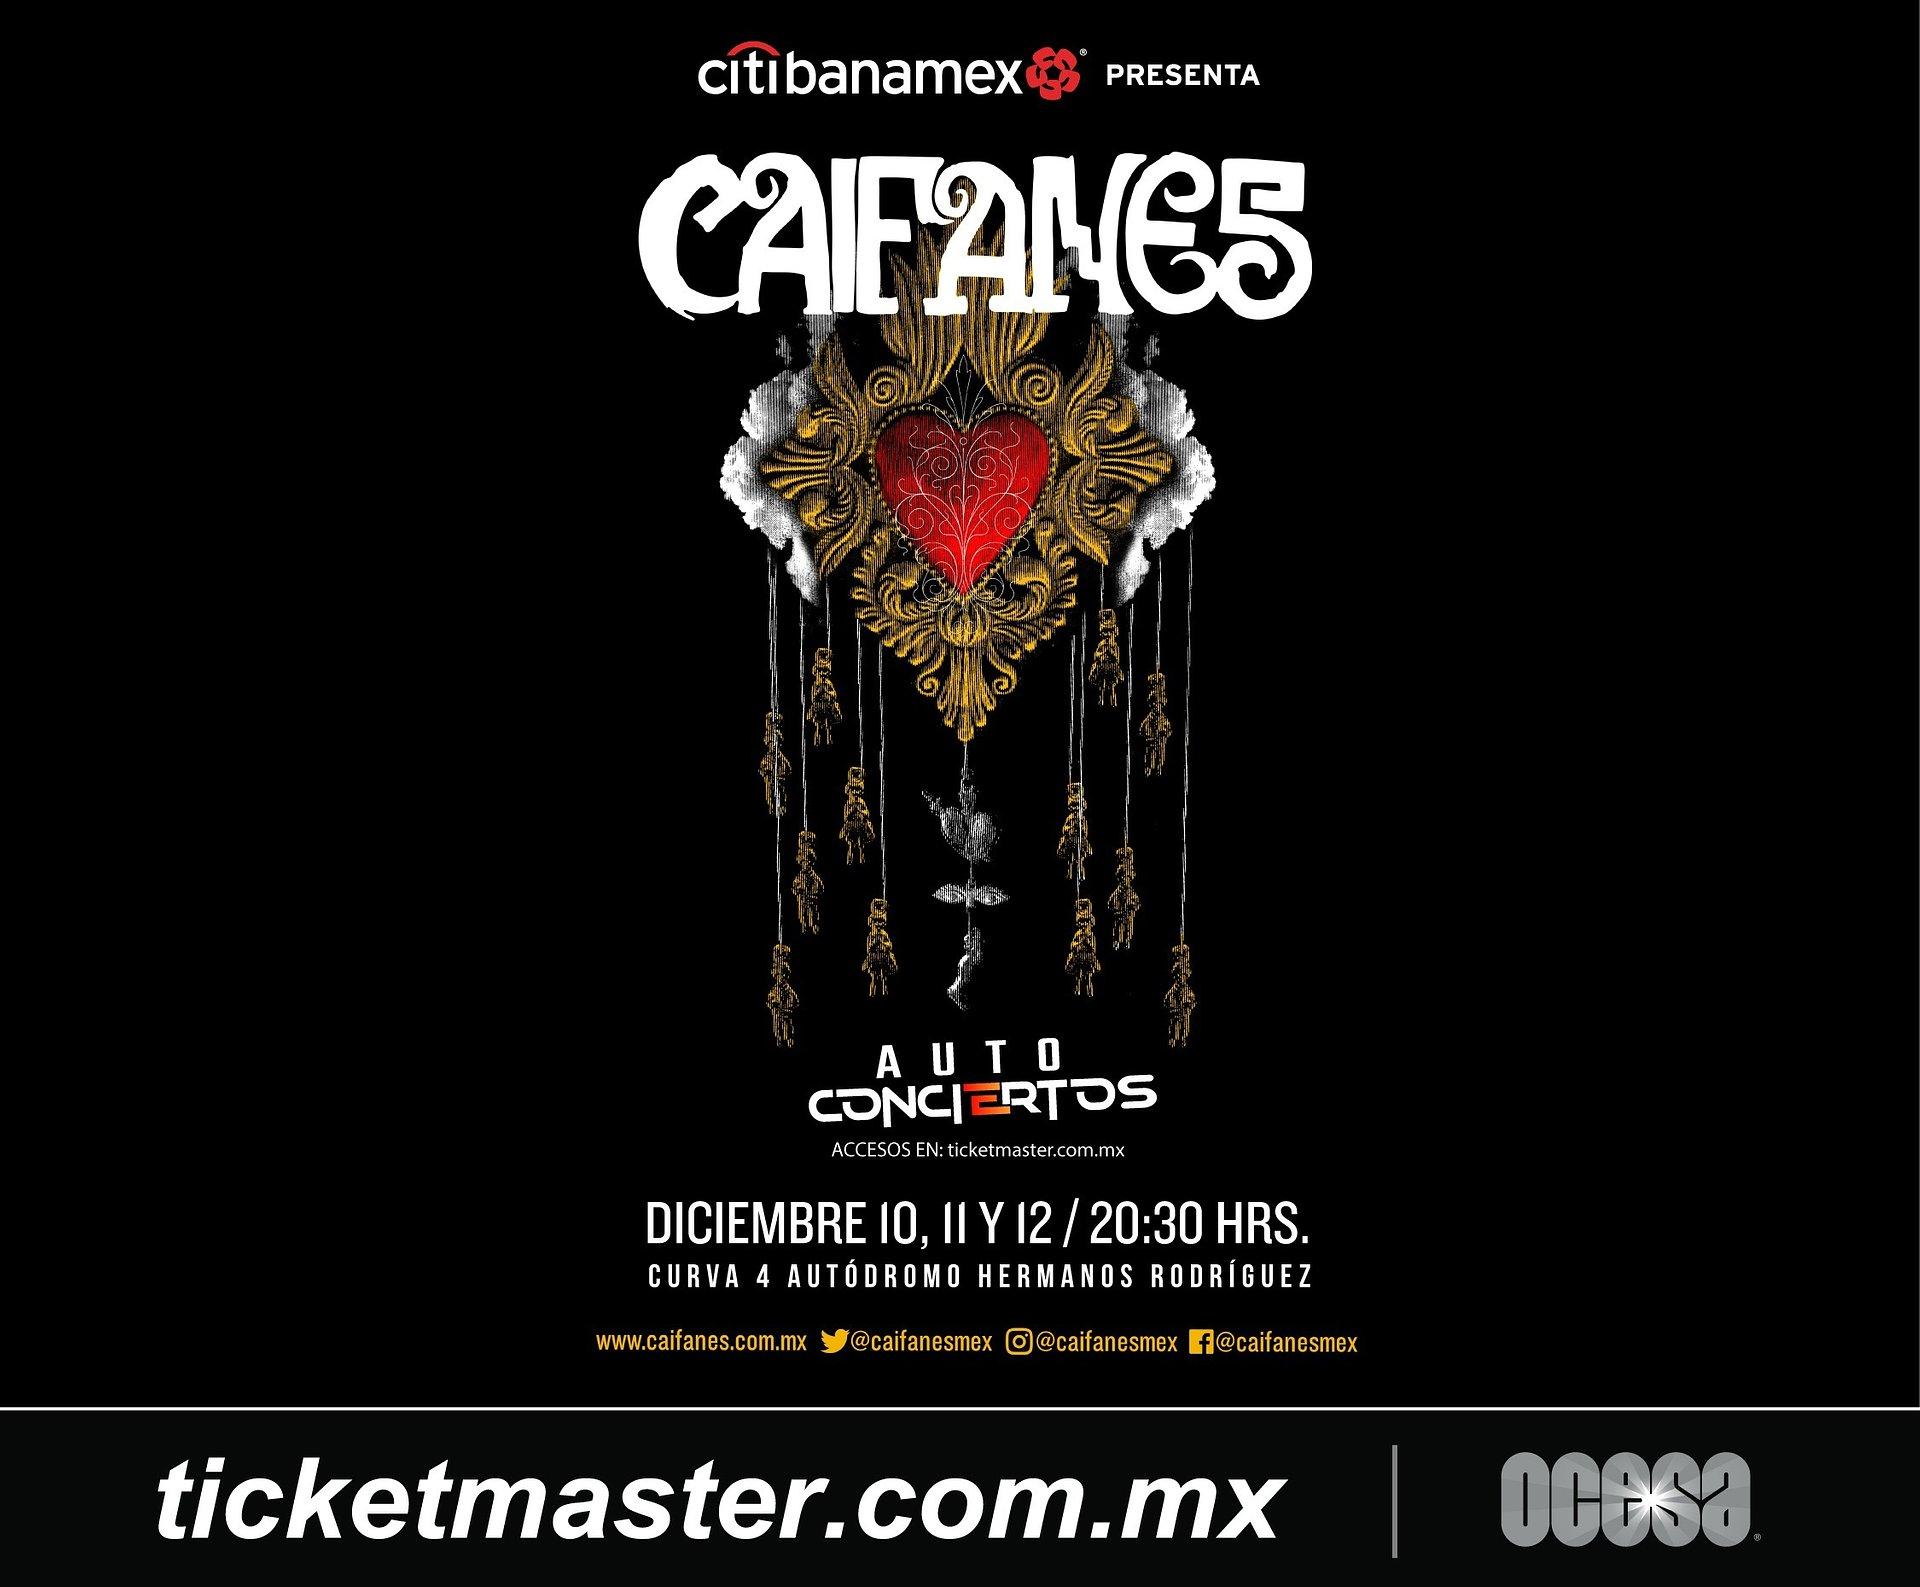 Caifanes ofrecerá tres autoconciertos en la Ciudad de México